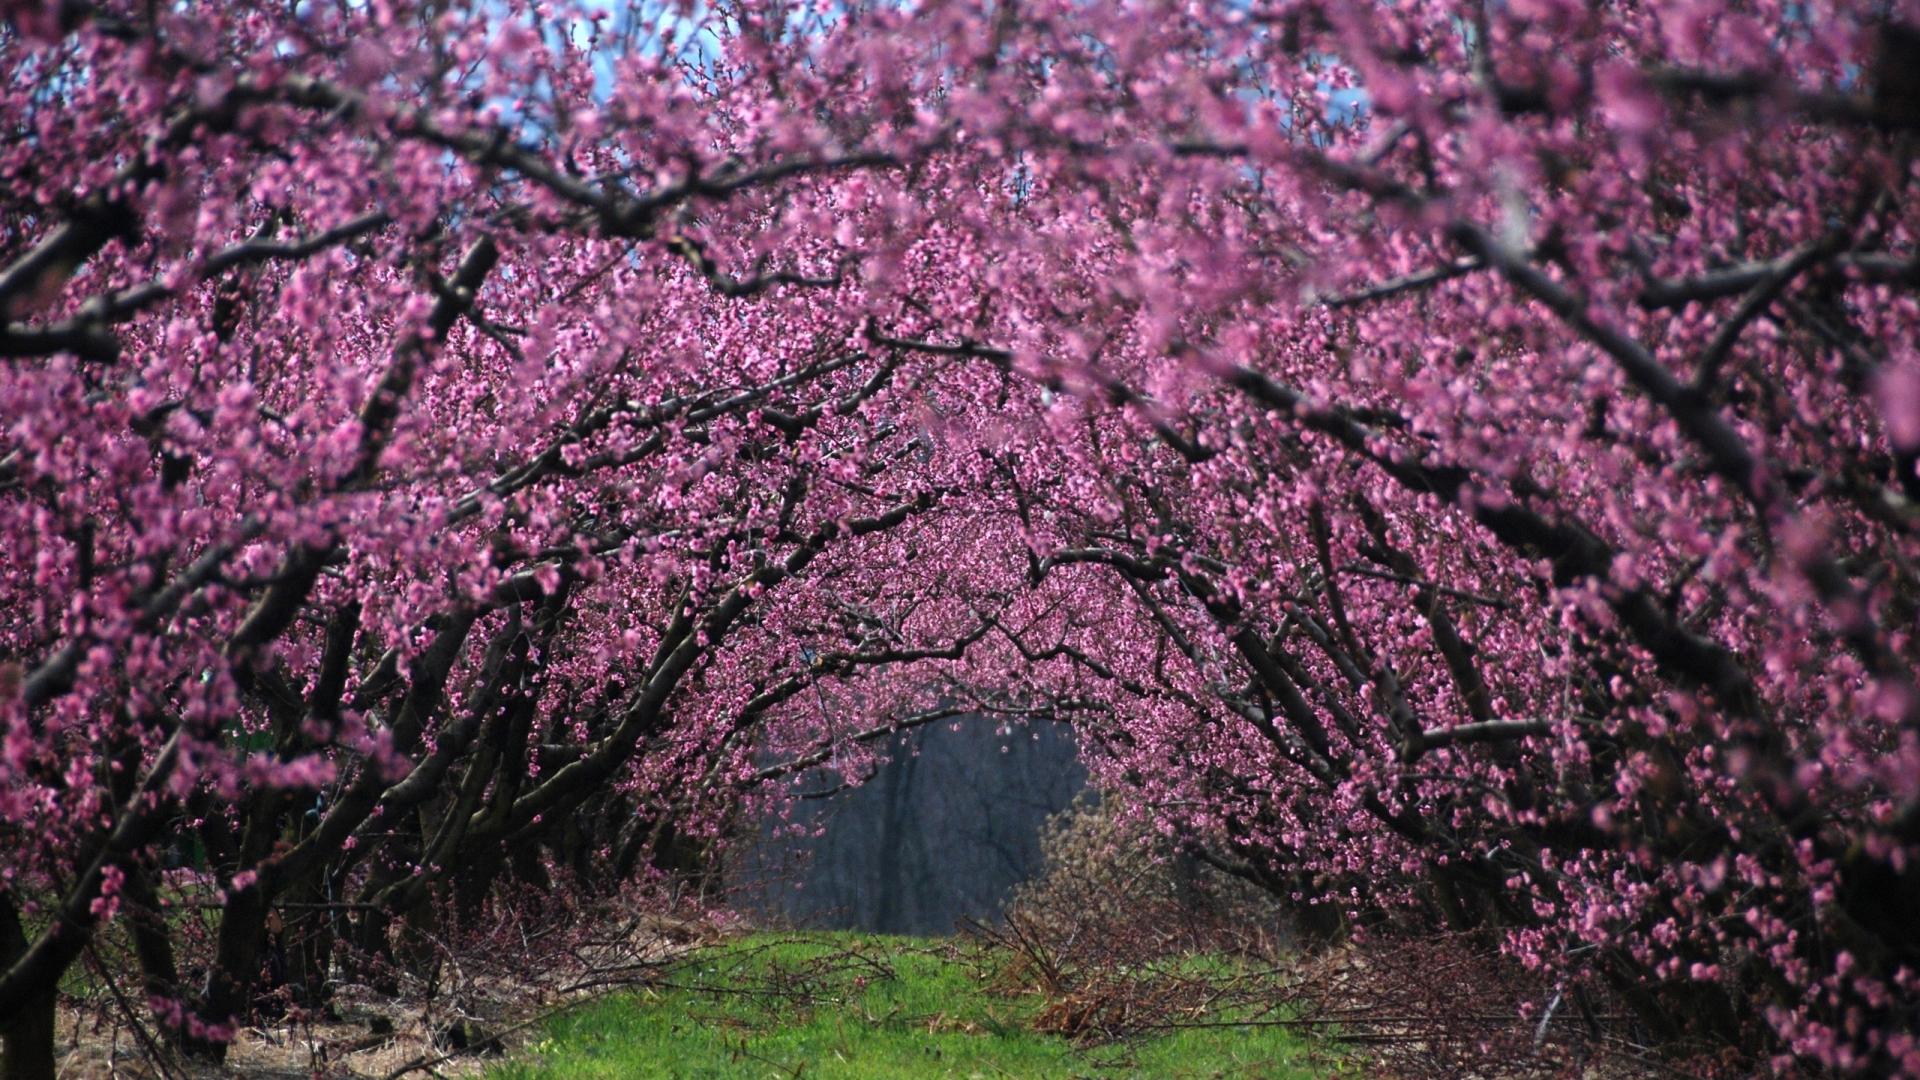 Скачать картинку Цветы, Деревья, Пейзаж, Растения в телефон бесплатно.